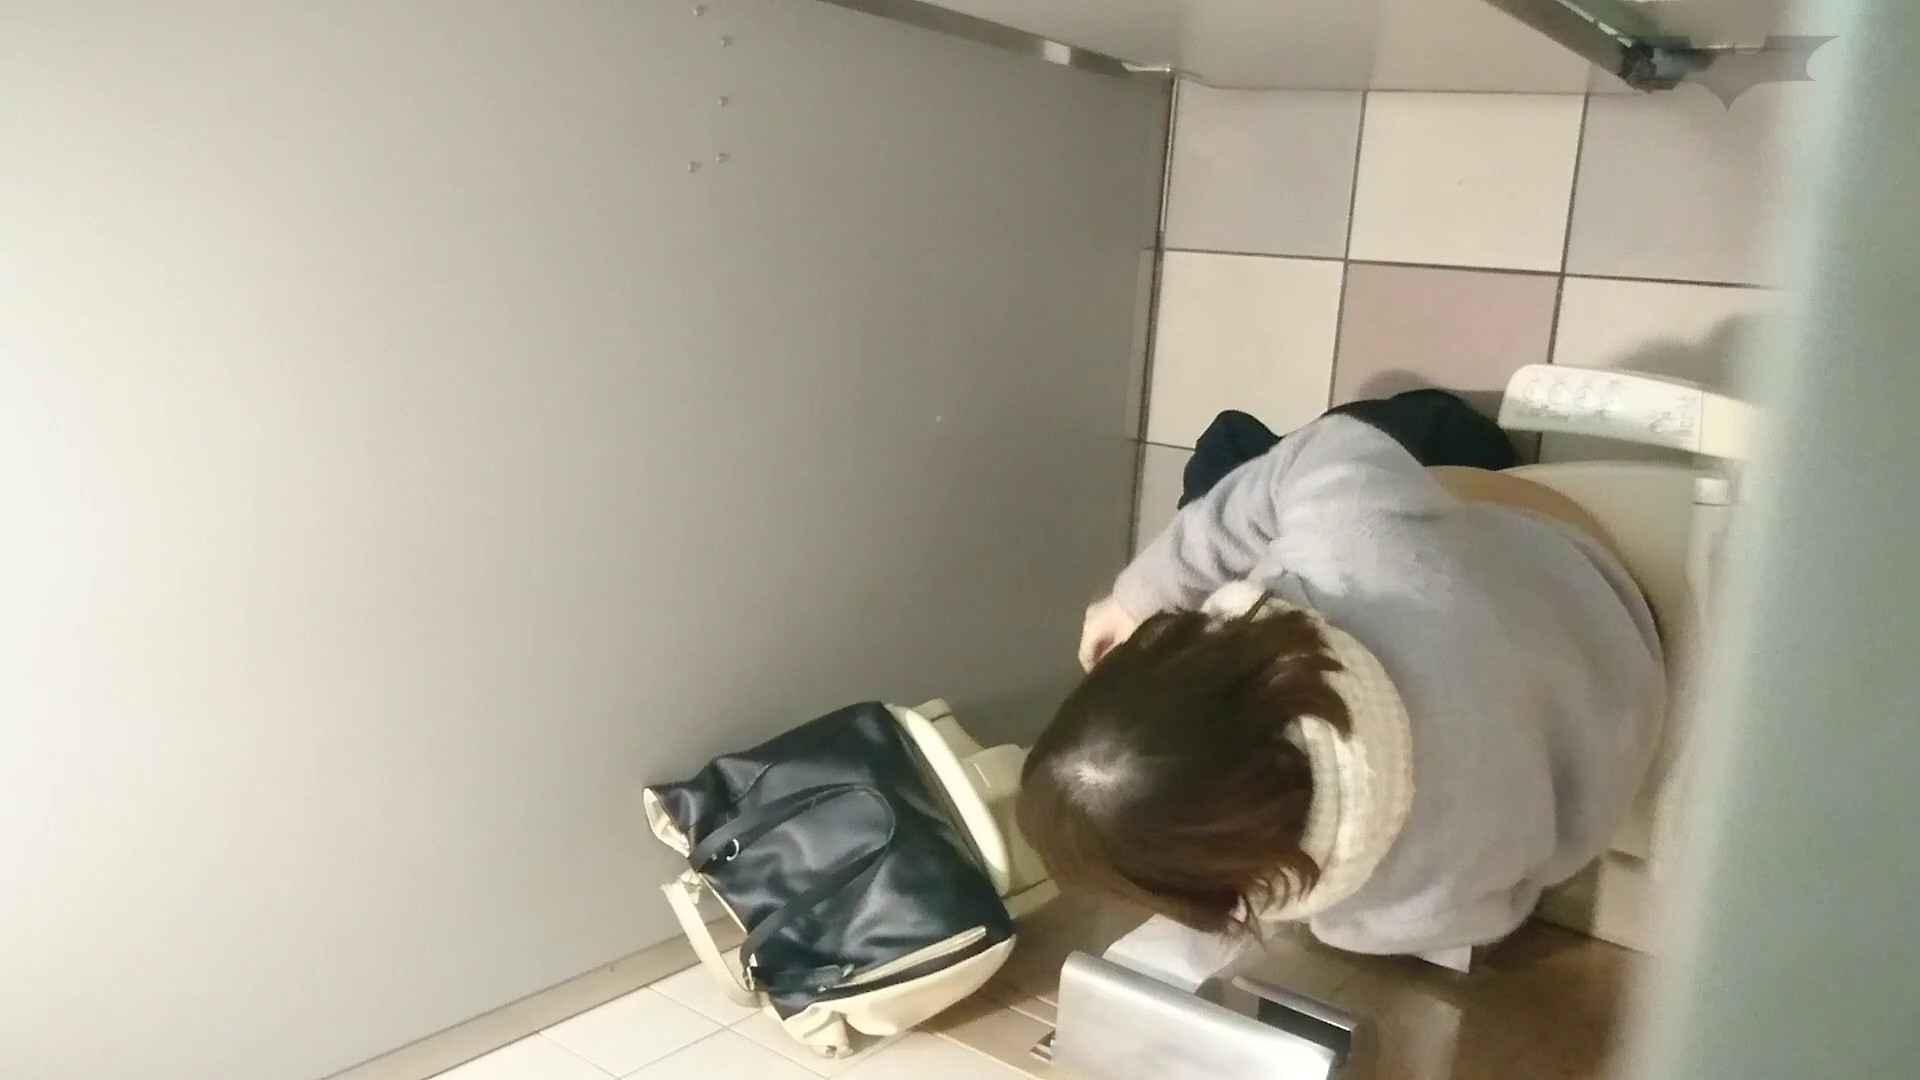 化粧室絵巻 ショッピングモール編 VOL.12 美肌  71PIX 35